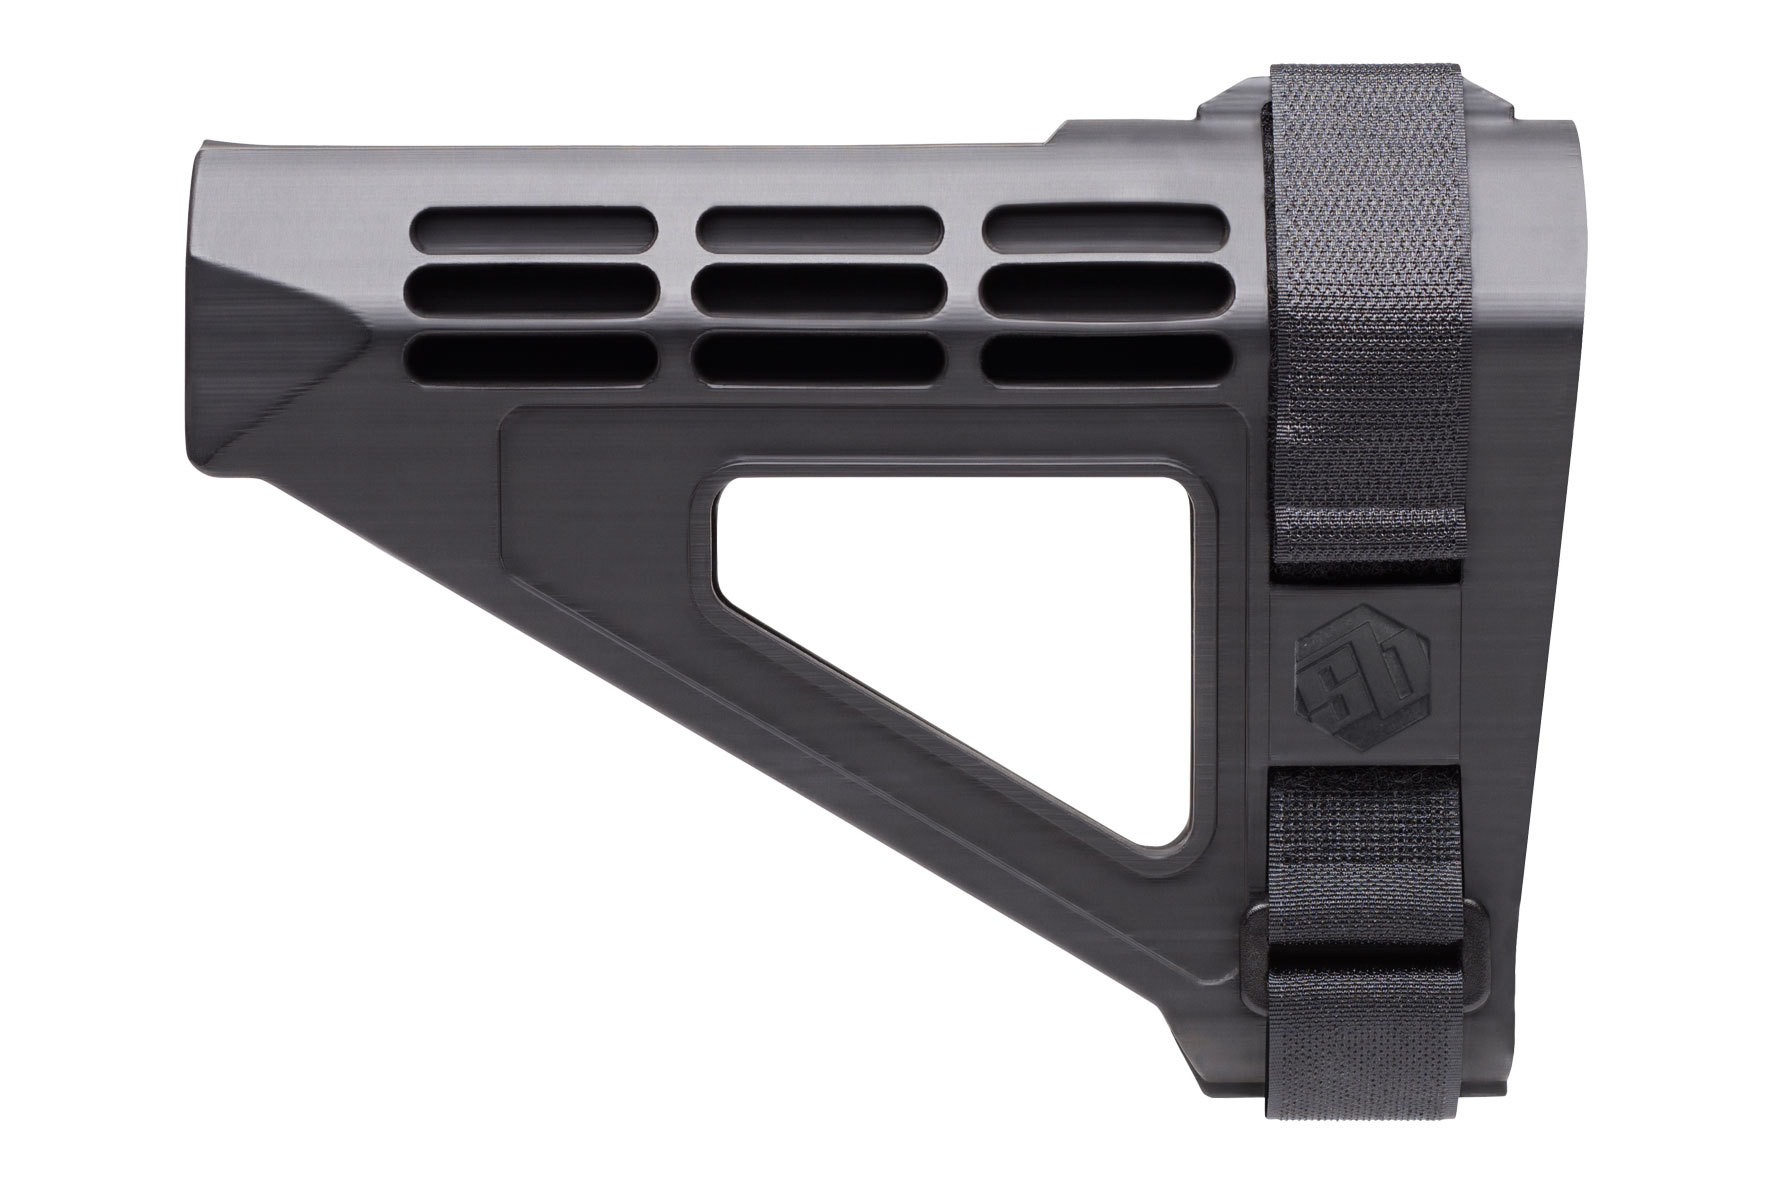 38 次世代 M4 CQB-R 電動ガン 実物 KAK SHOCKWAVE BLADE PISTOL AR-15 ストック 取付 改造 カスタム 大作戦 第7弾完結!! 最終 組み立て作業 & 初速 調整!! 実銃 ストックパイプ AR フォールディング 取付 リコイル